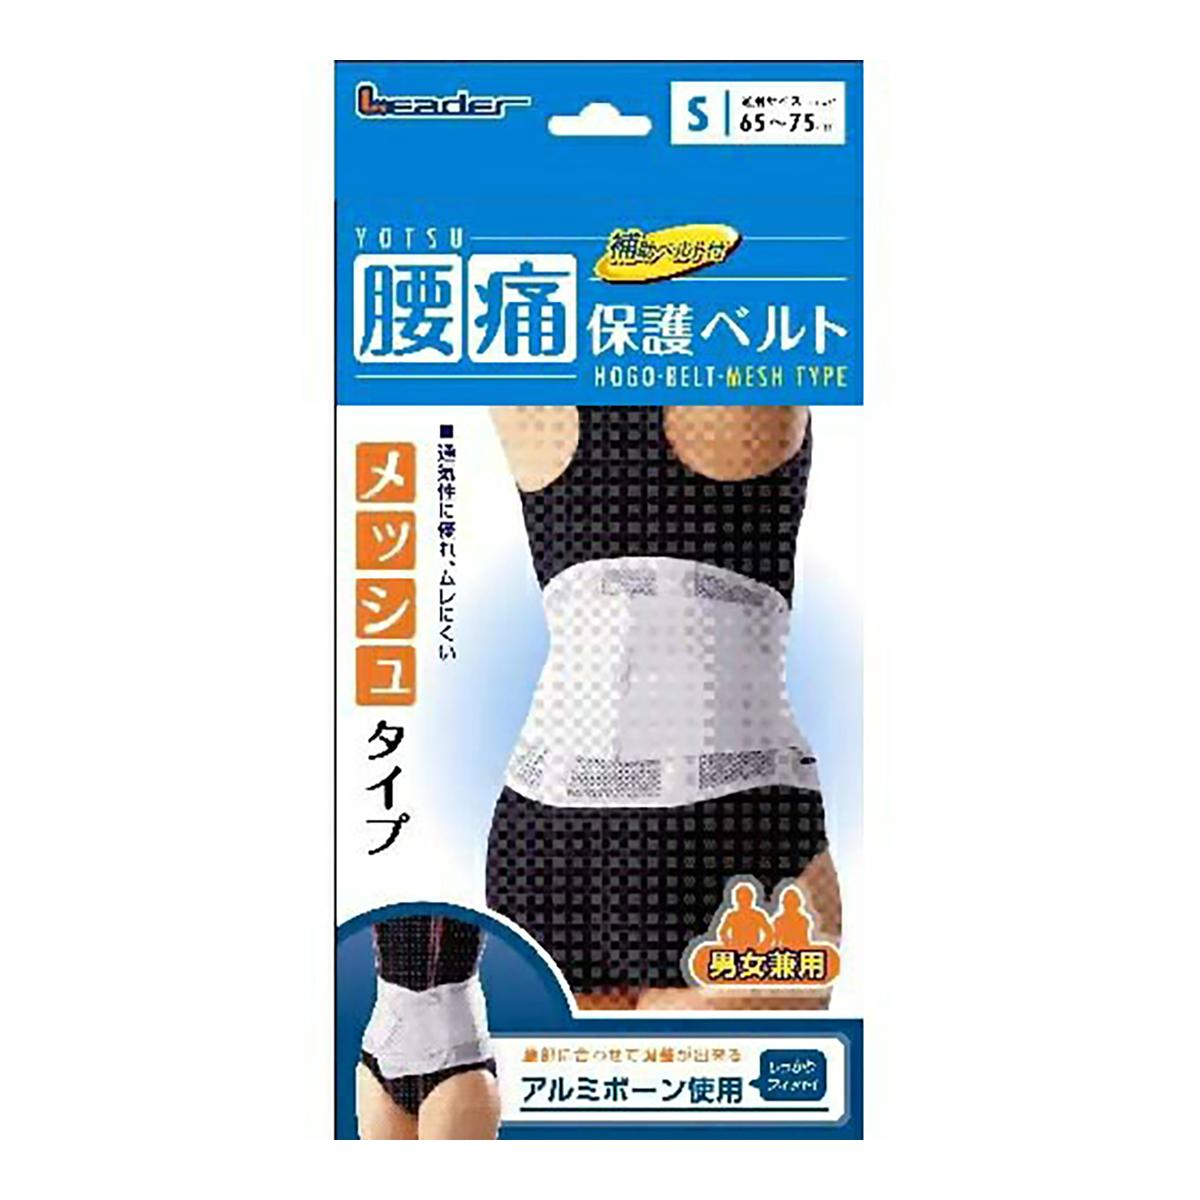 【送料無料・まとめ買い×10】日進医療器 腰痛保護ベルト メッシュタイプ S